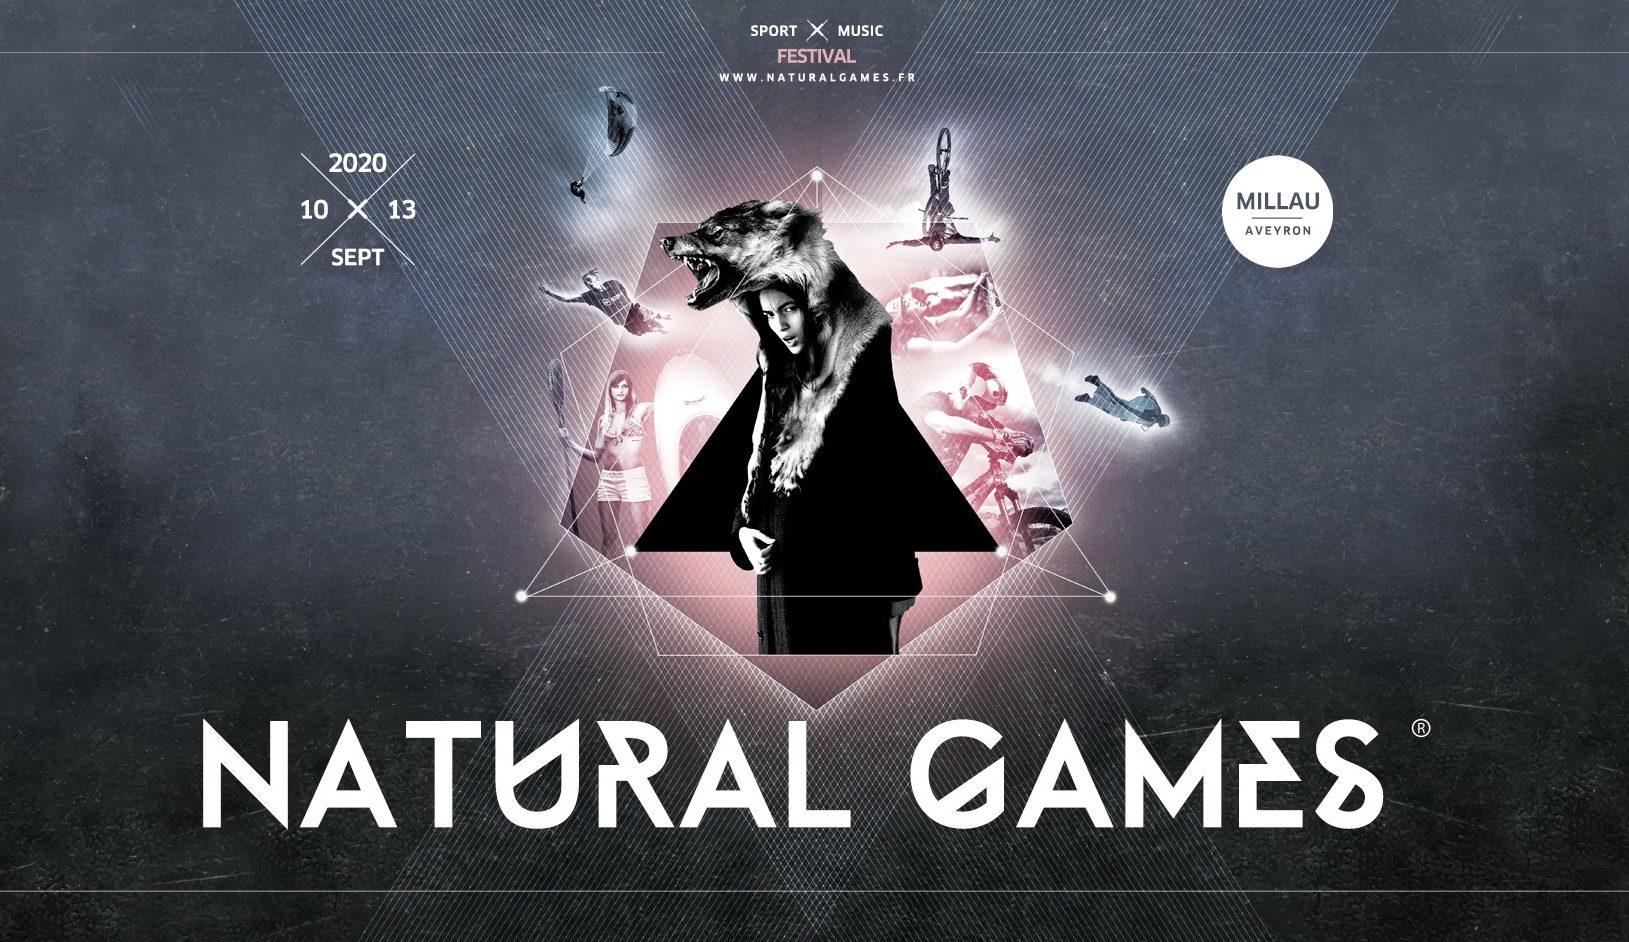 Festival des Natural Games : les dates définitives du 10 au 13 septembre